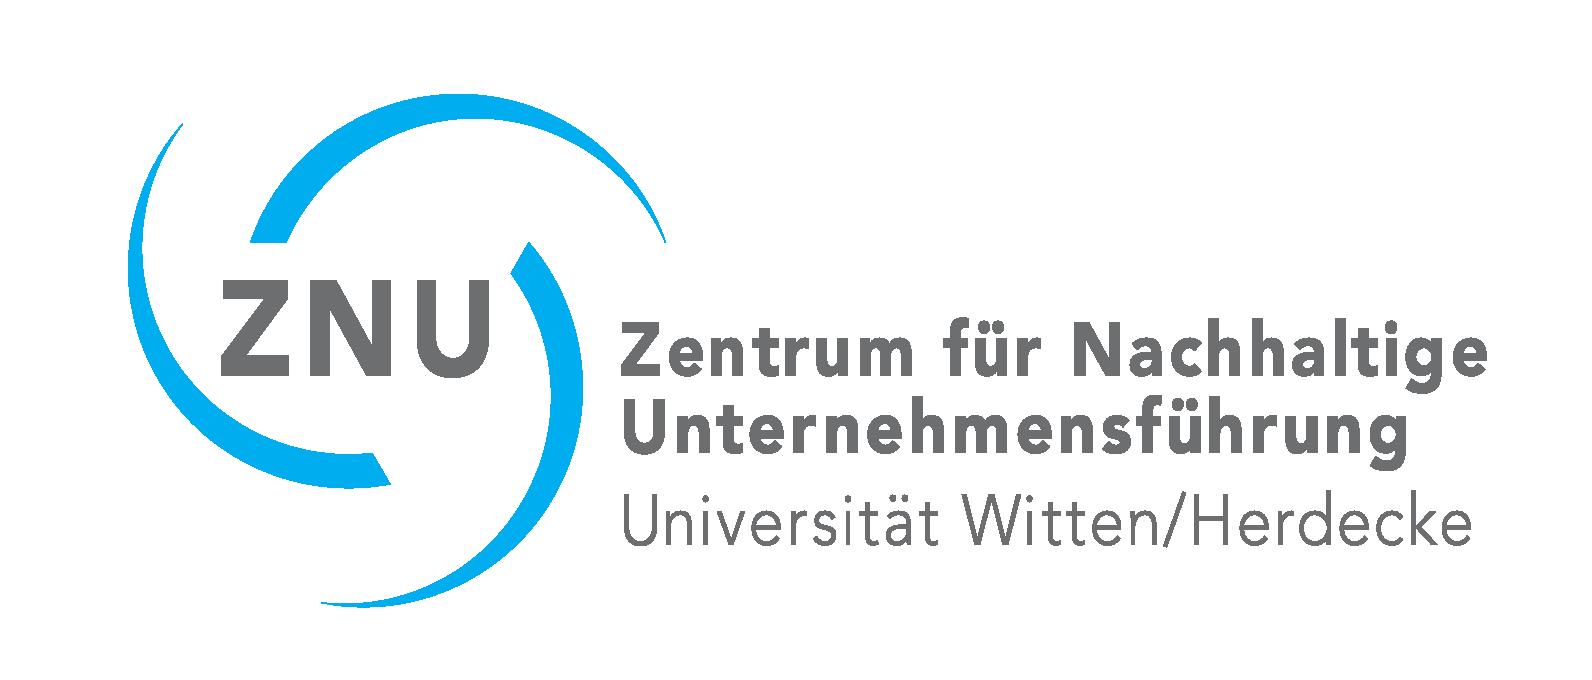 Logo Zentrum für nachhaltige Unternehmensführung